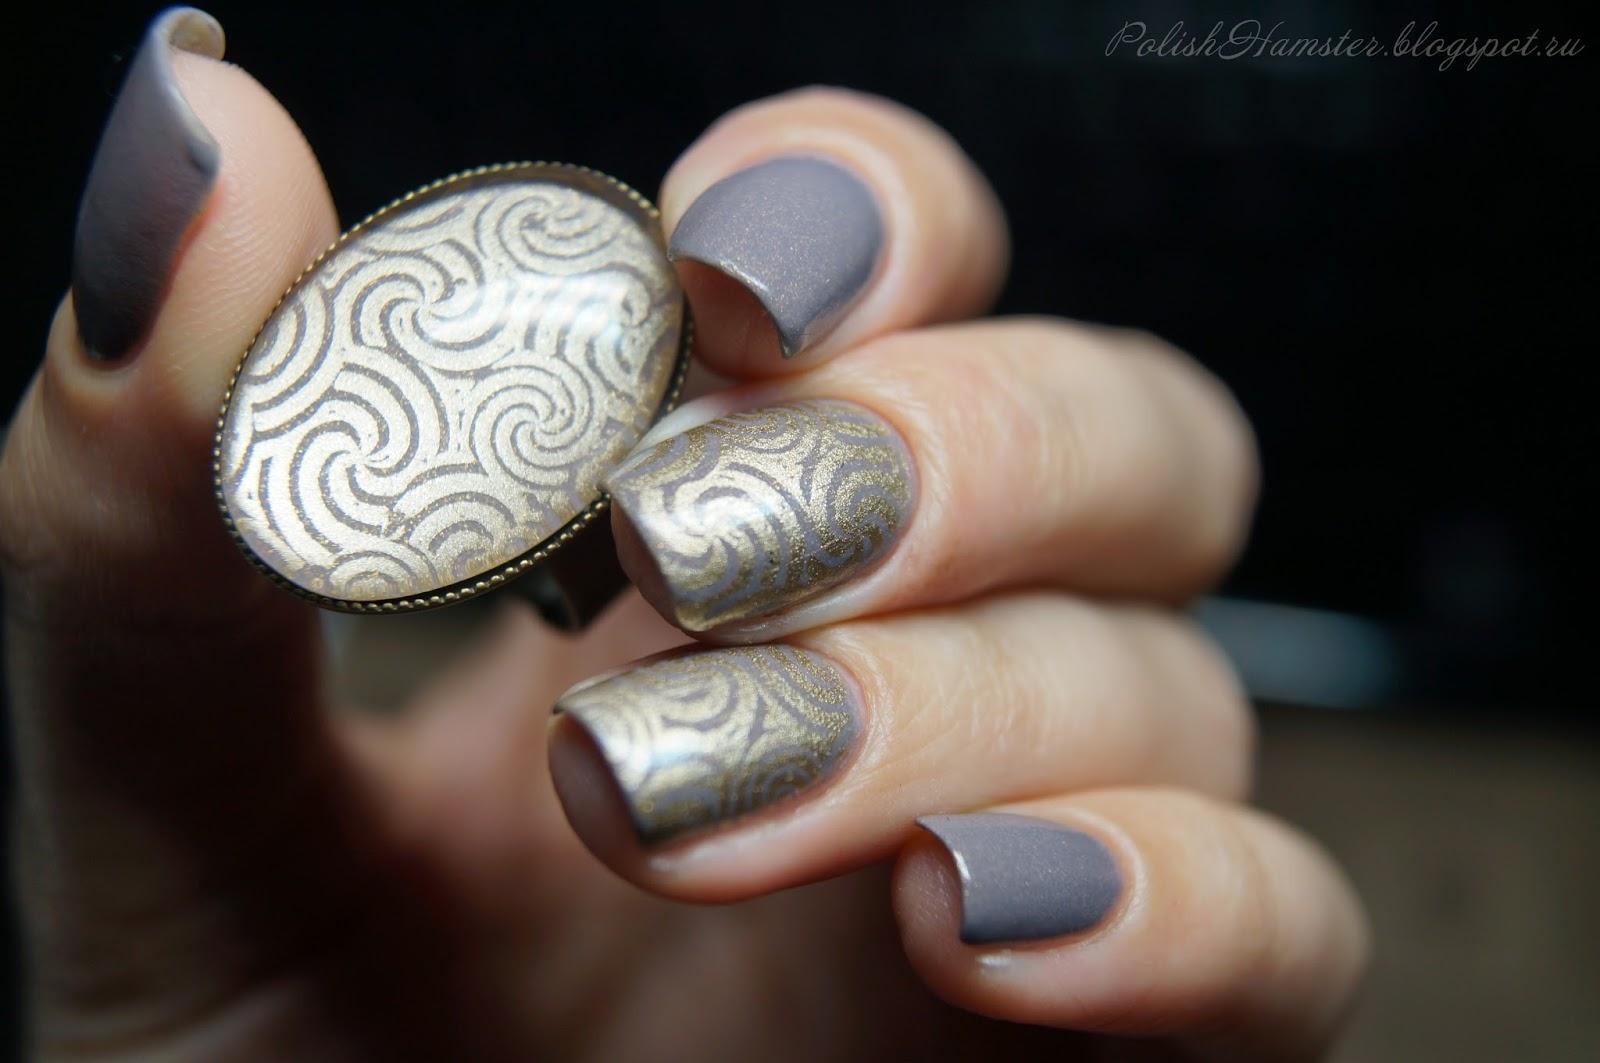 nail polish jewerly